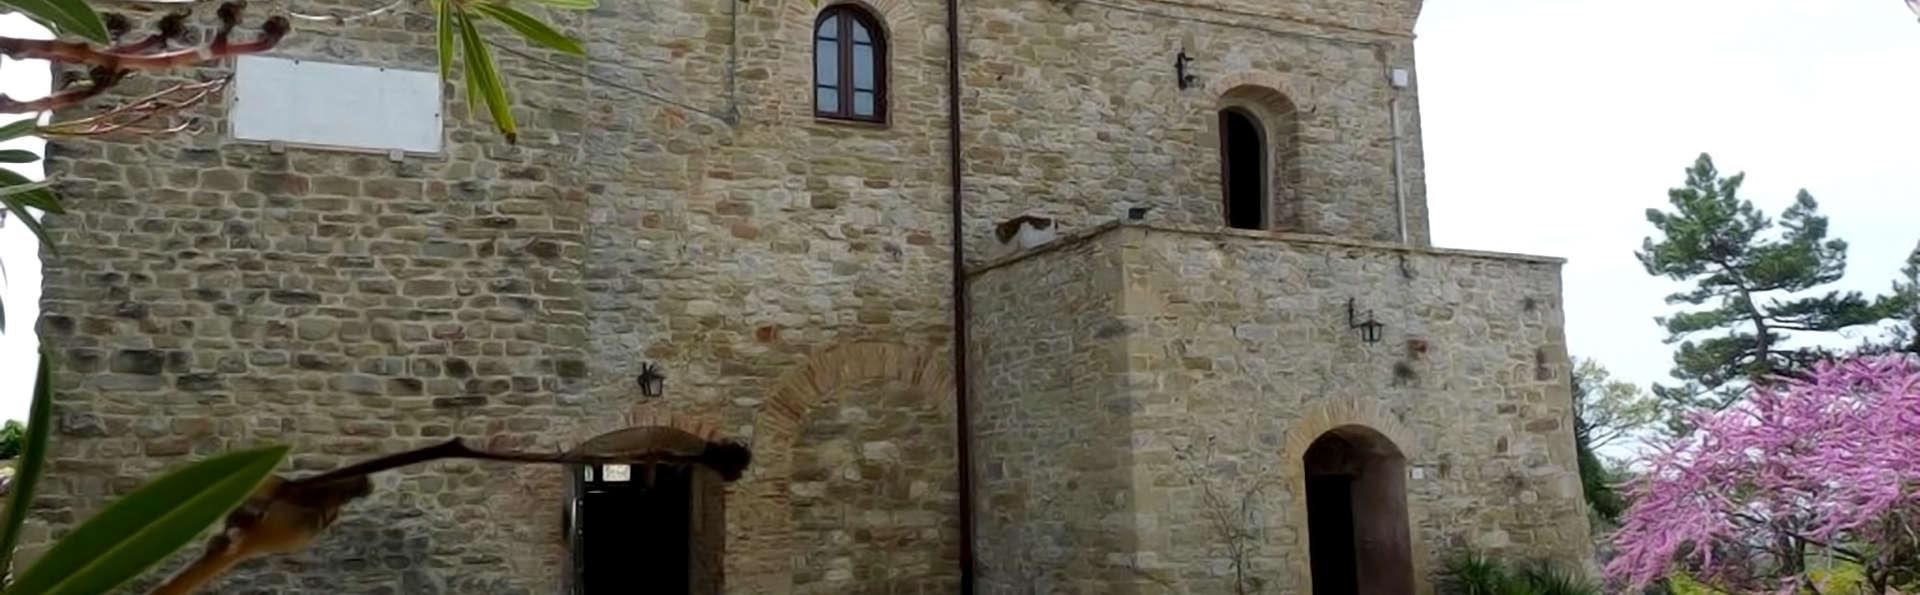 Castello di Giomici - Edit_Front.jpg